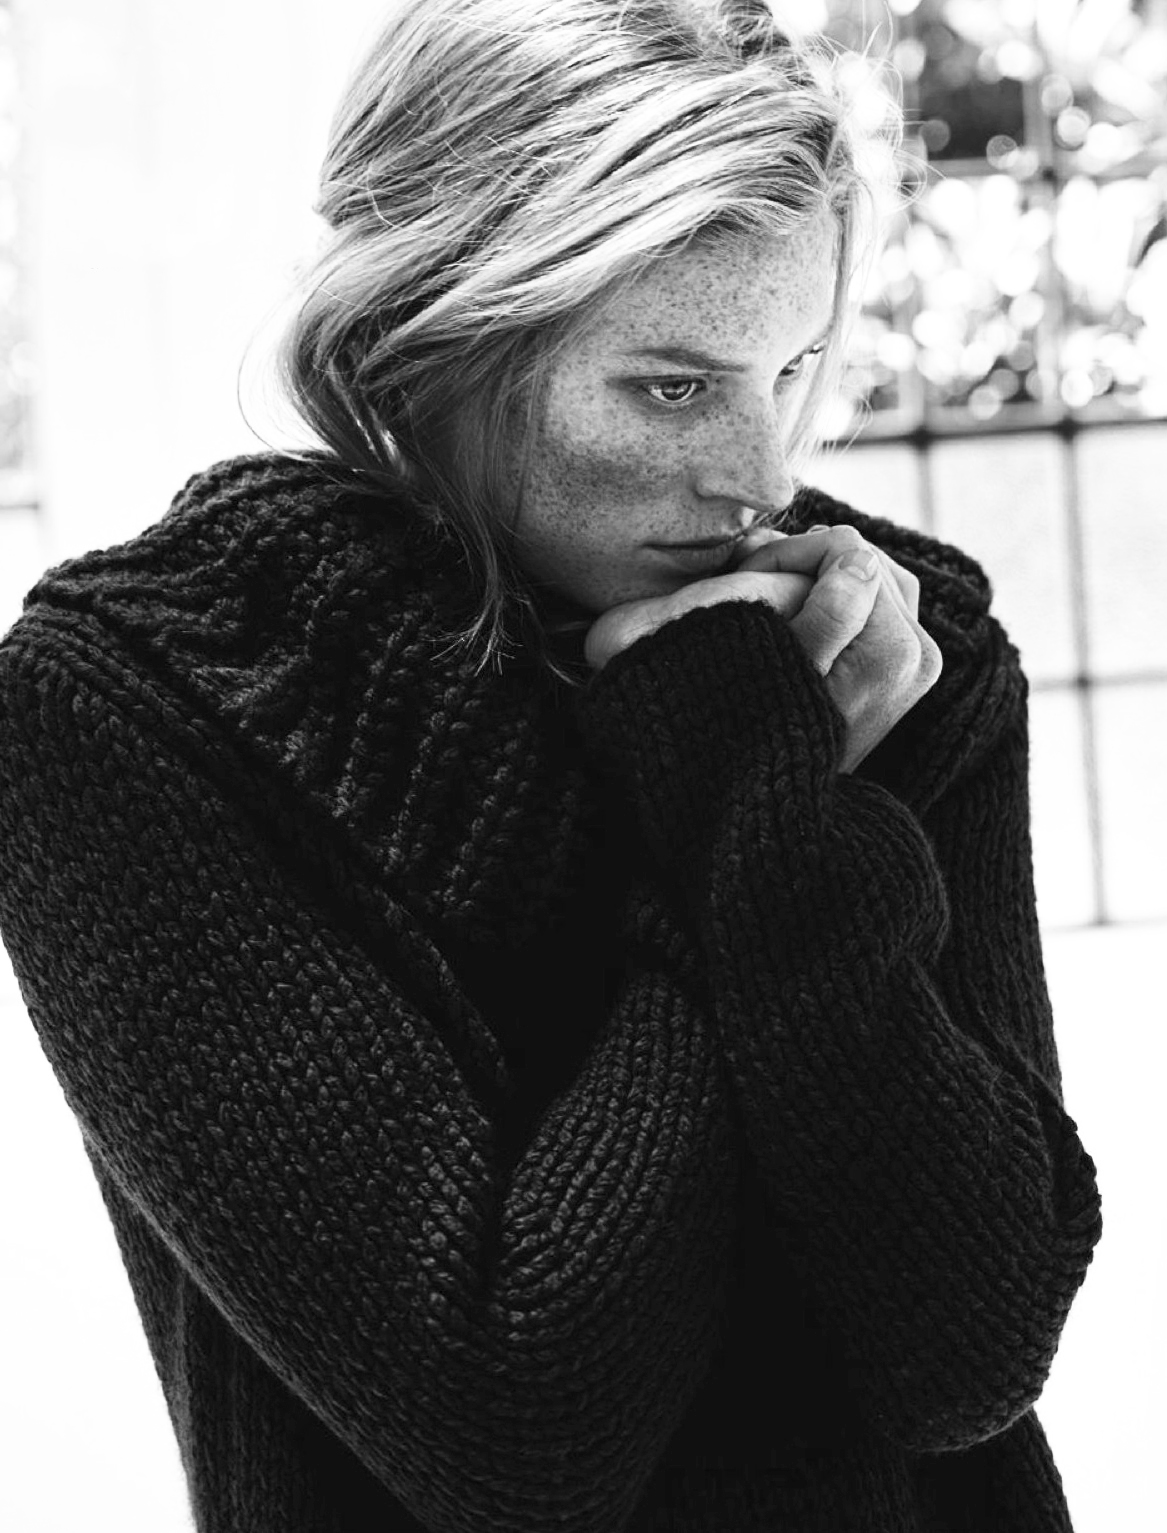 свитер-оверсайз с широким воротом, Аnnette Görtz